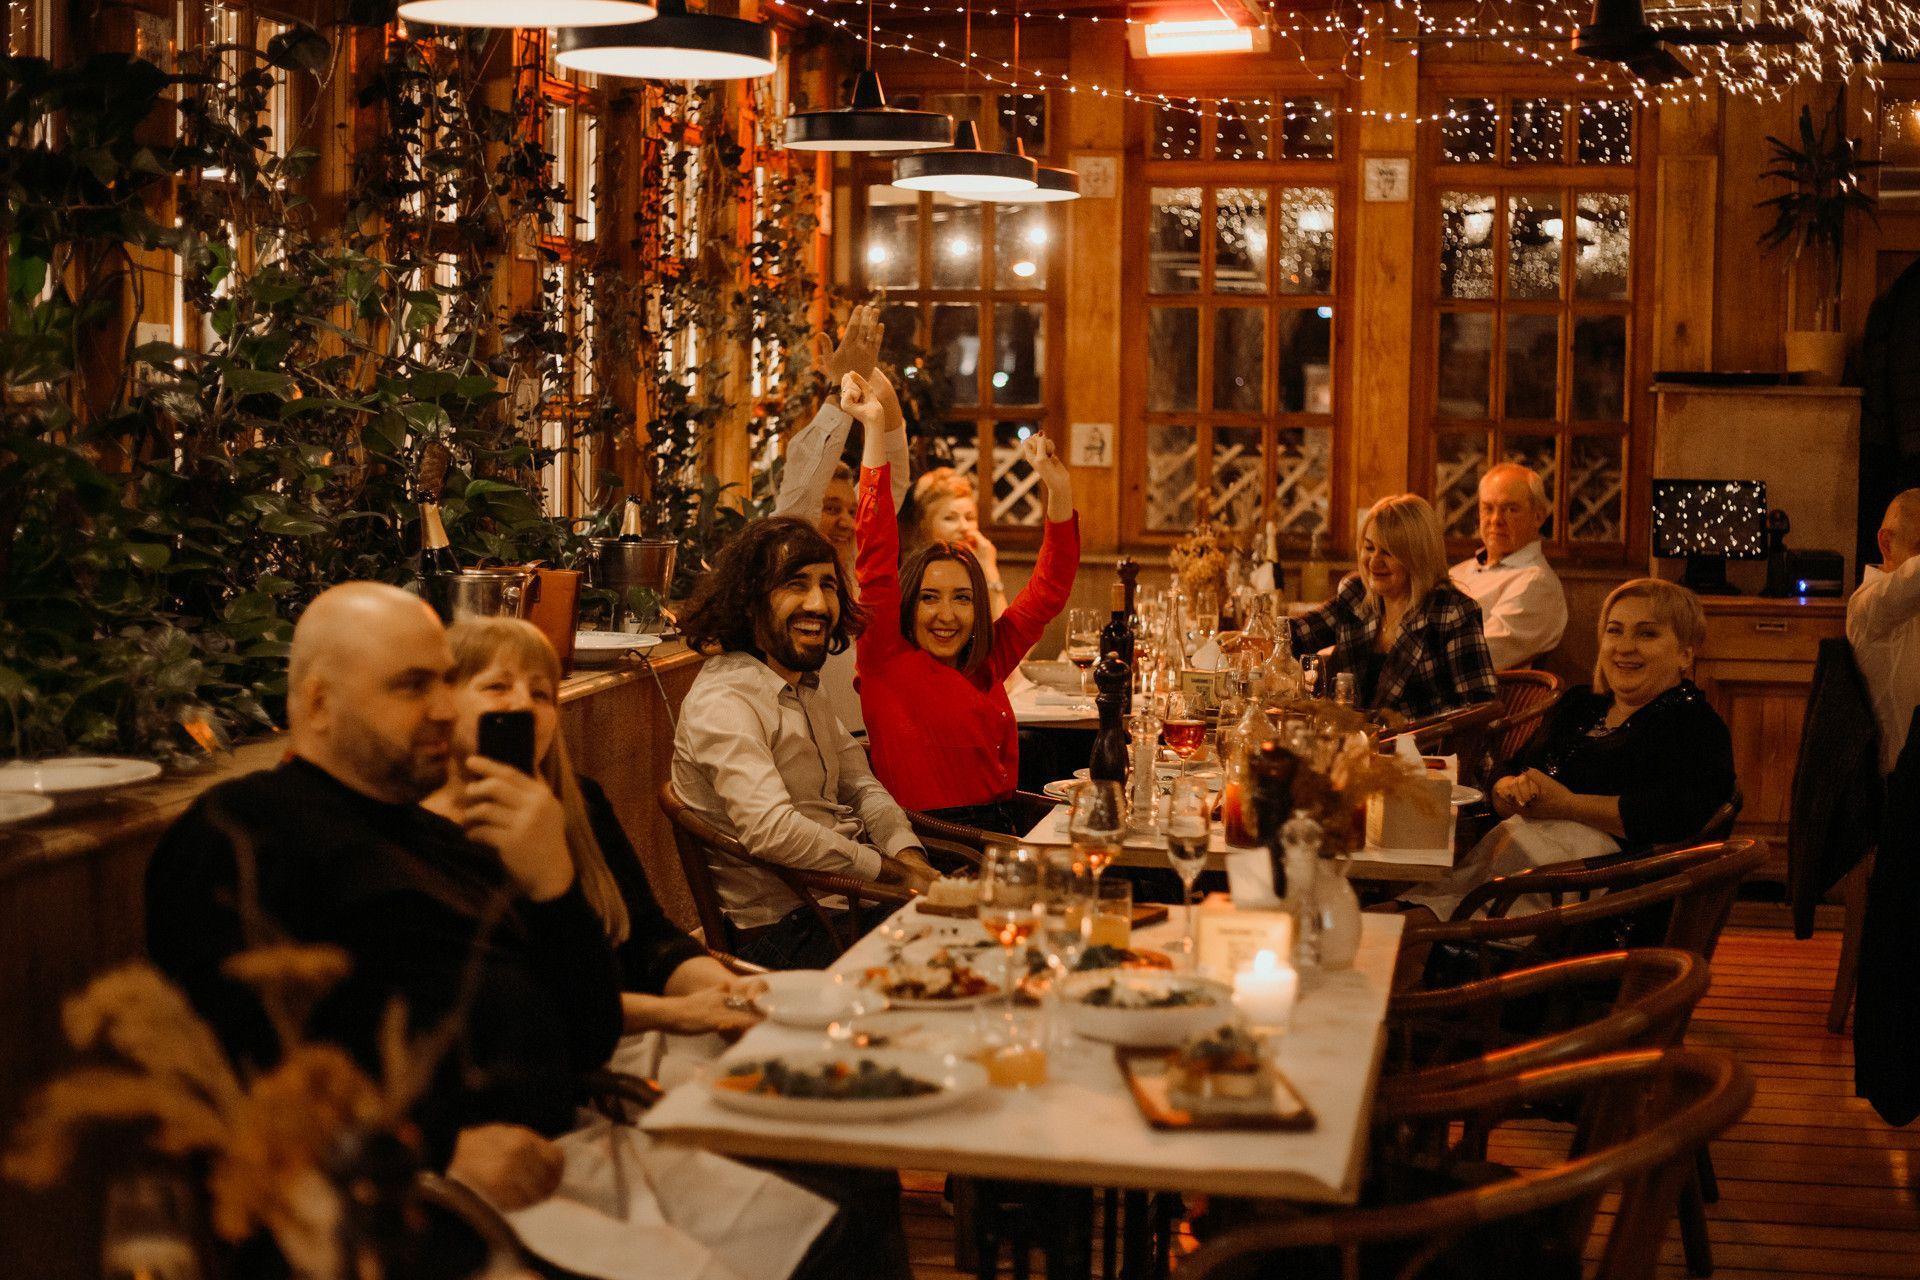 Ждем на праздничном итальянском ужине в Тавернетте